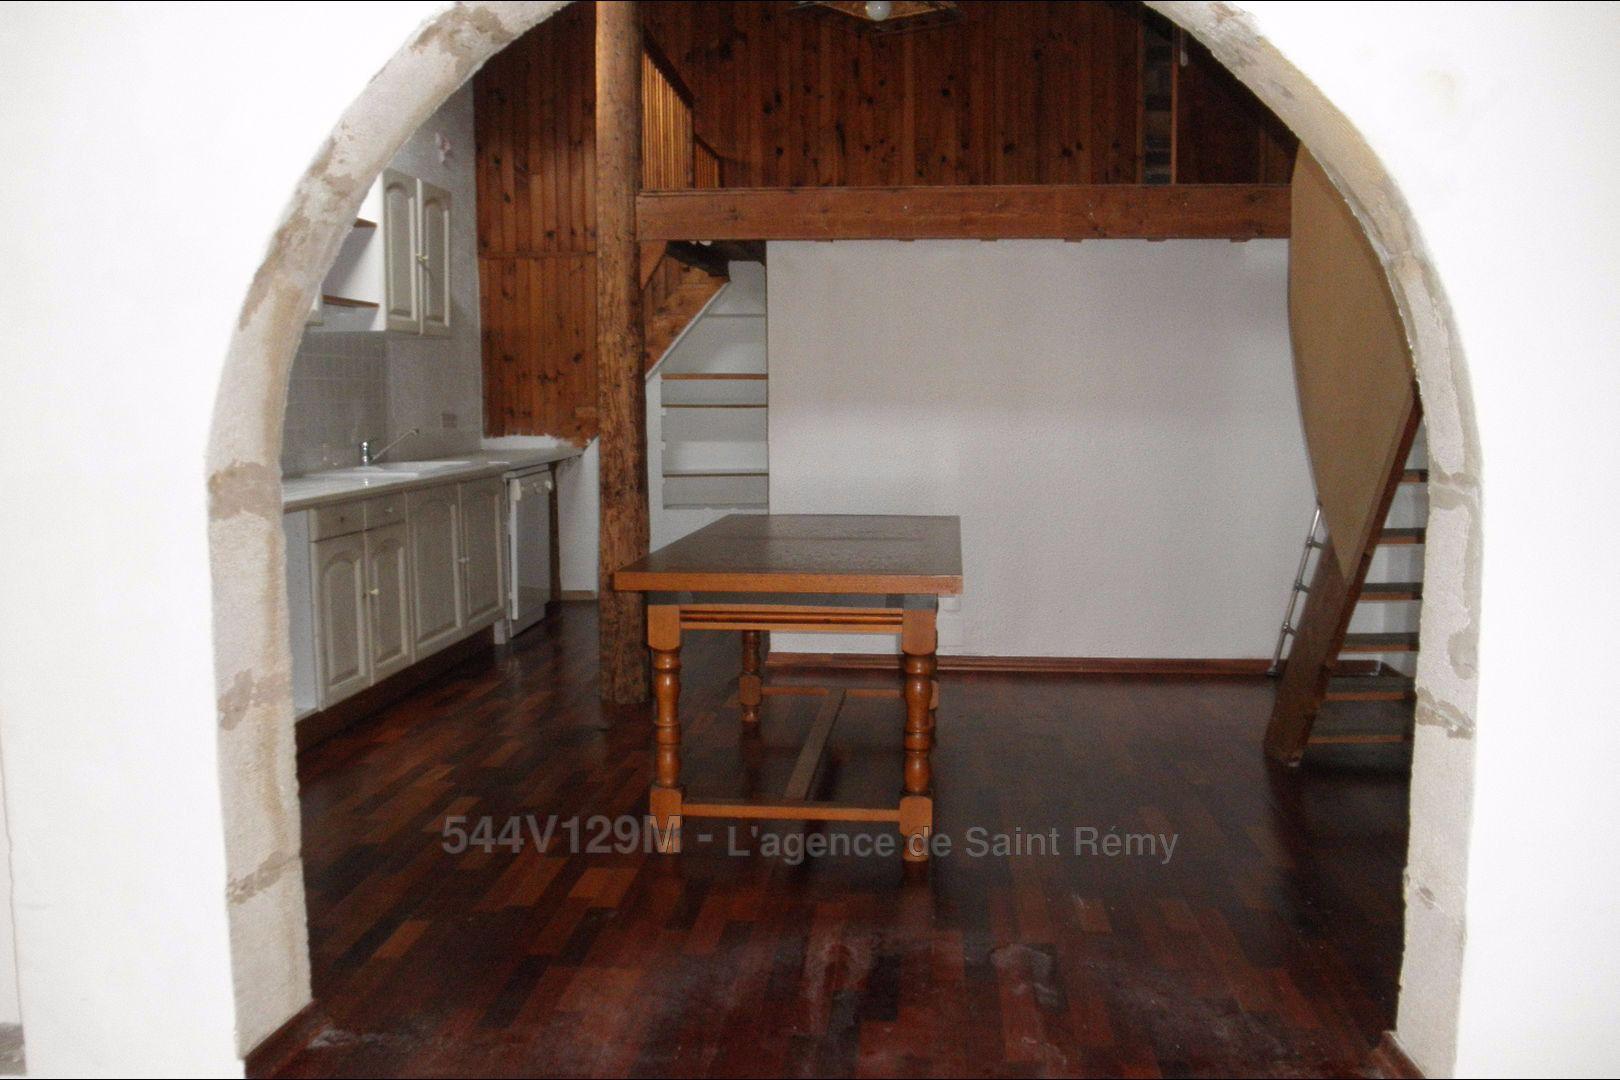 vendre ou louer un bien saint r my de provence comment se d cide. Black Bedroom Furniture Sets. Home Design Ideas